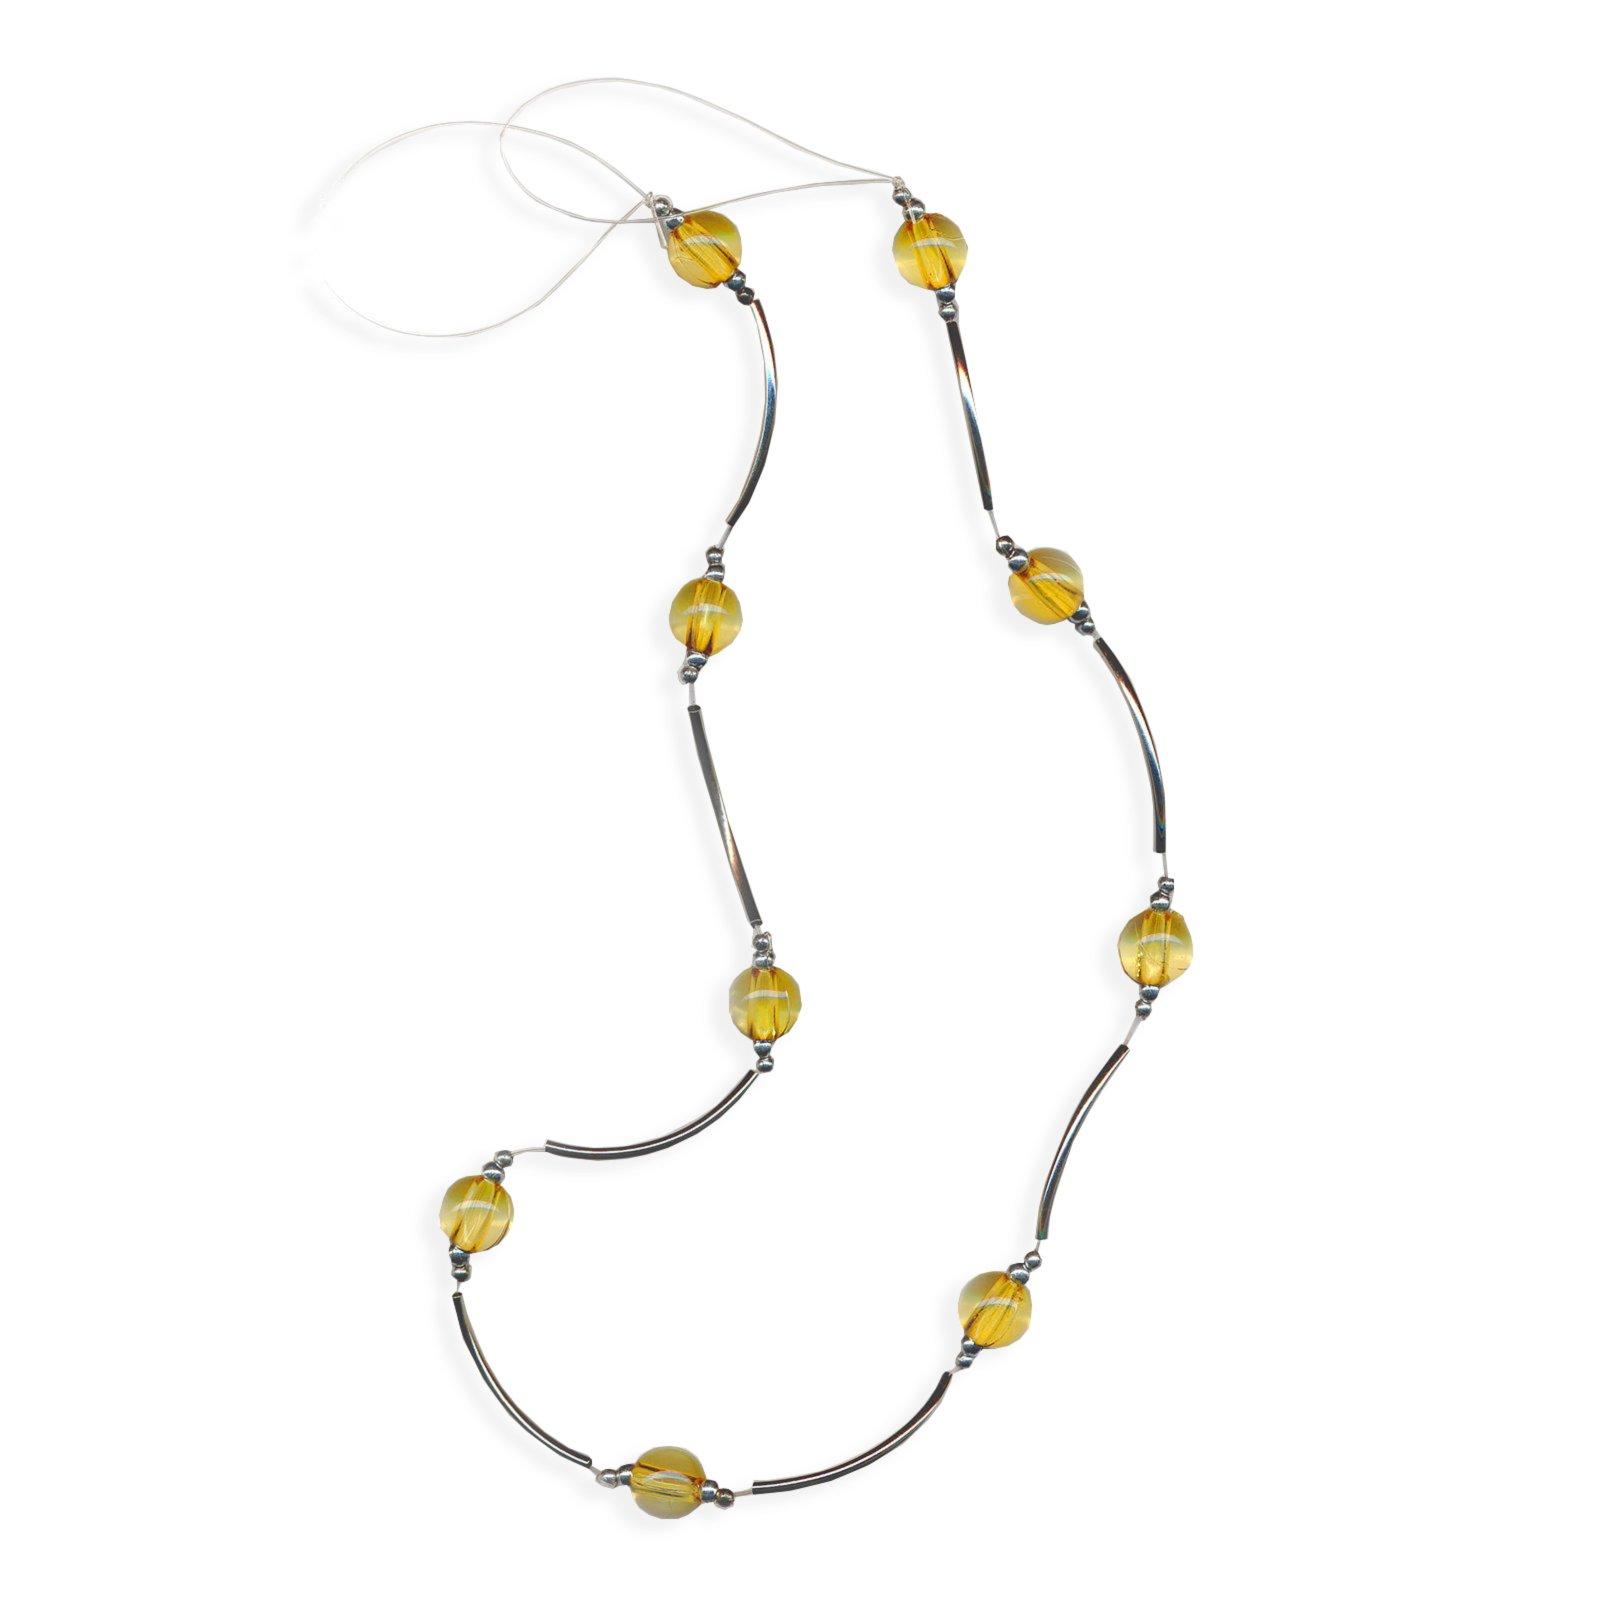 raffhalter mit perlen silber gelb 65 cm raffhalter gardinen vorh nge deko haushalt. Black Bedroom Furniture Sets. Home Design Ideas